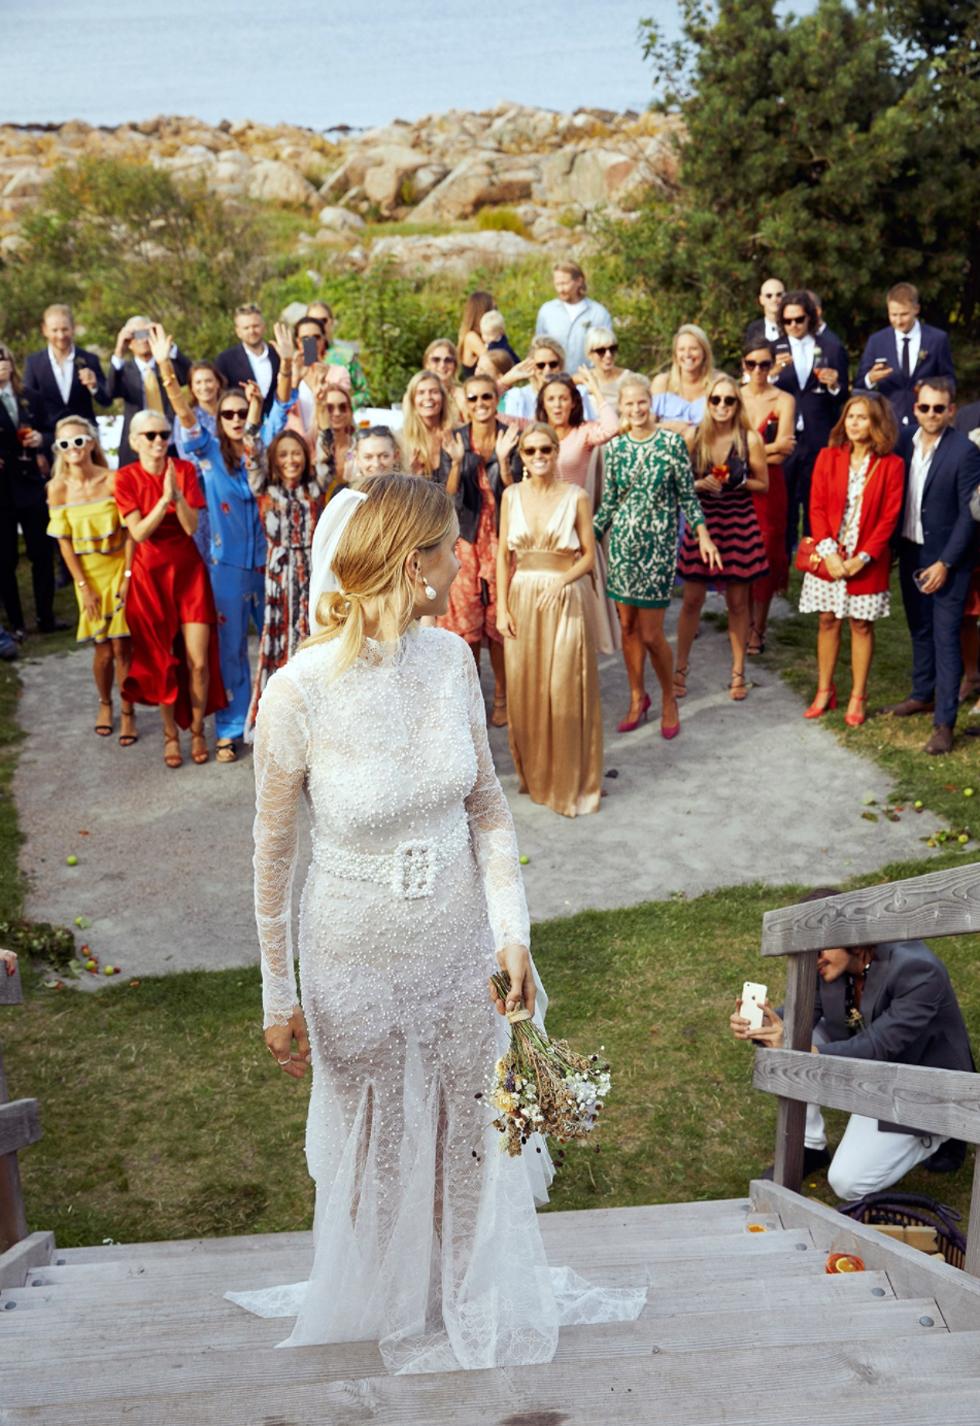 Pernille-Teisbeik-Wedding